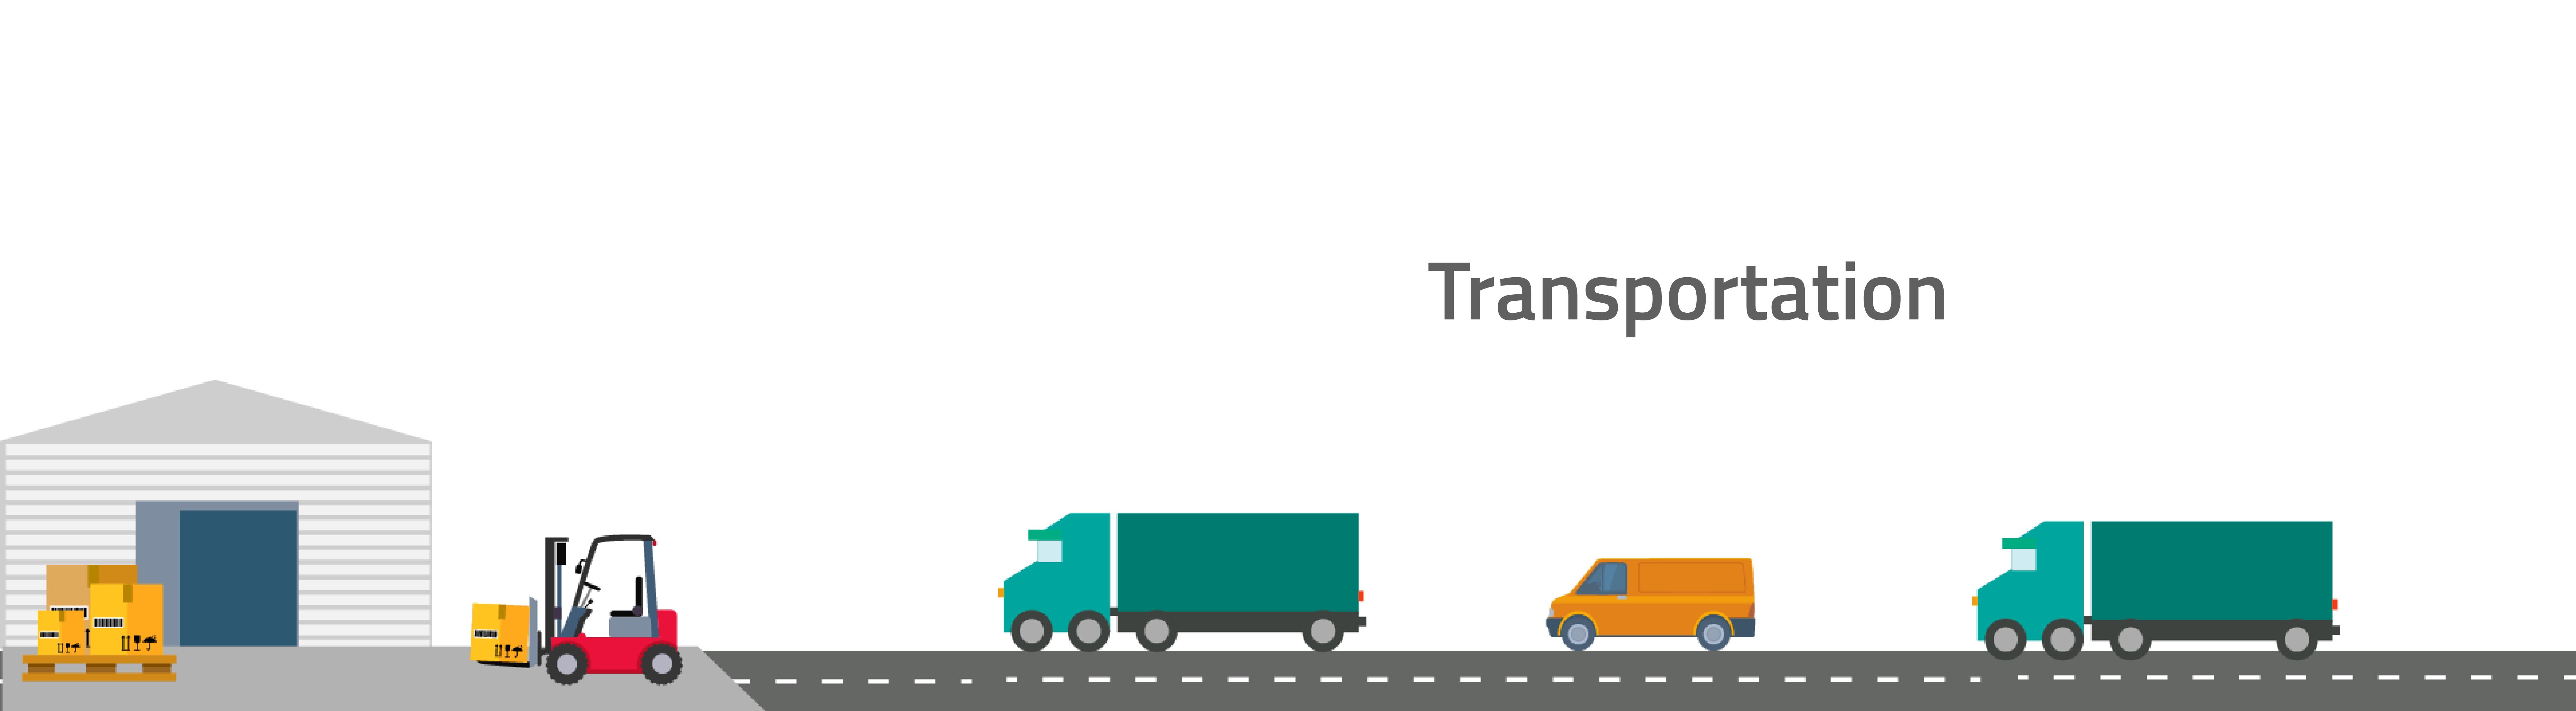 transportation-solution